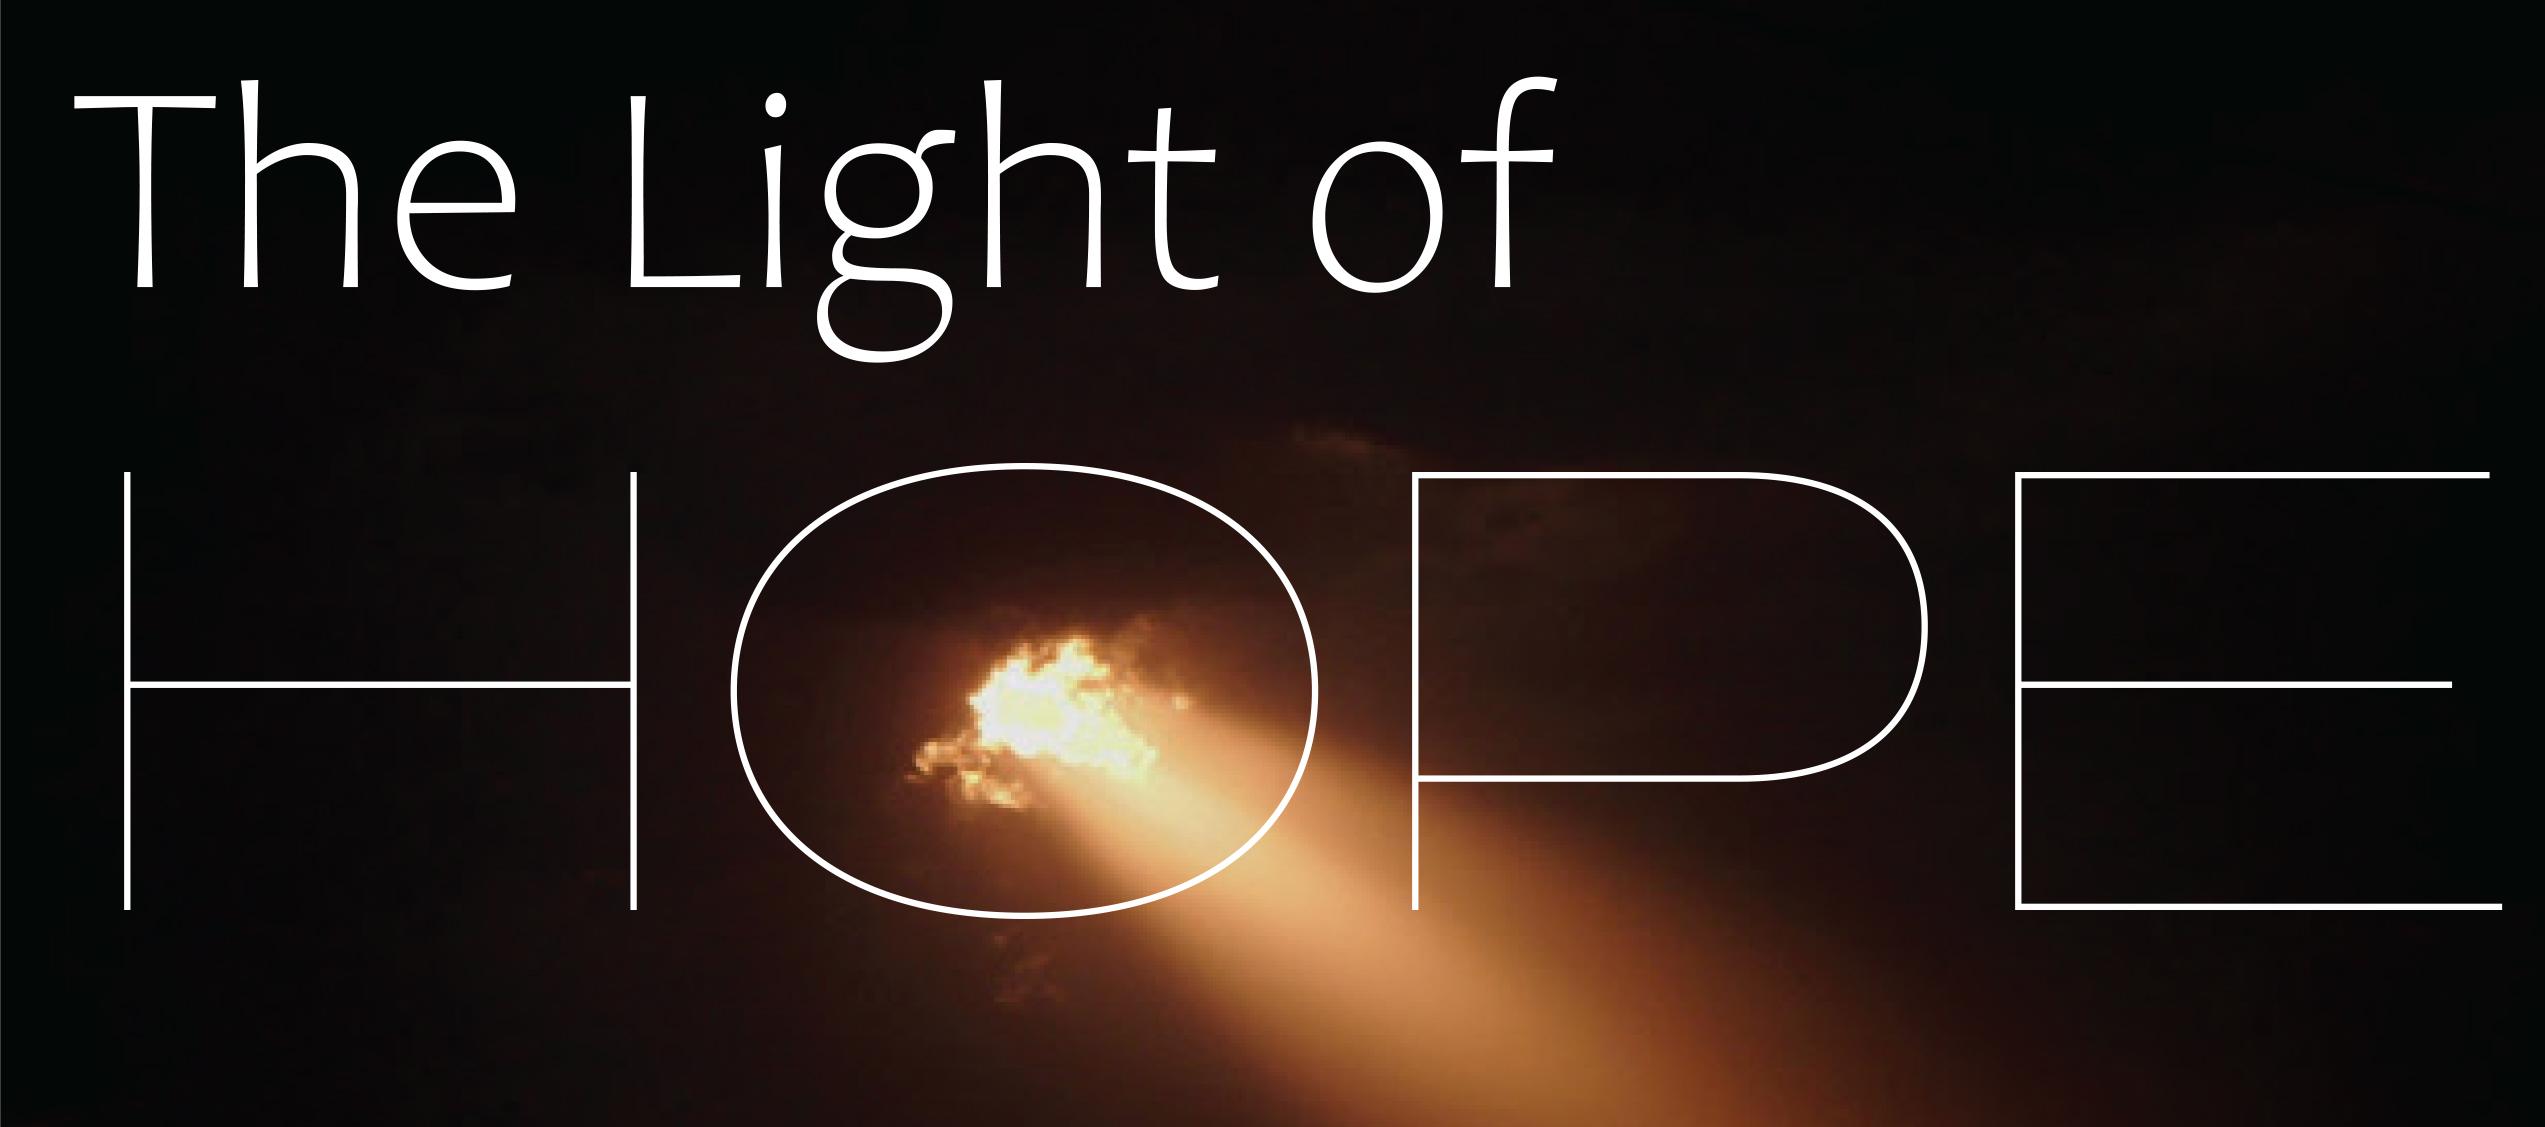 Light-of-Hope-logo.jpg#asset:1976